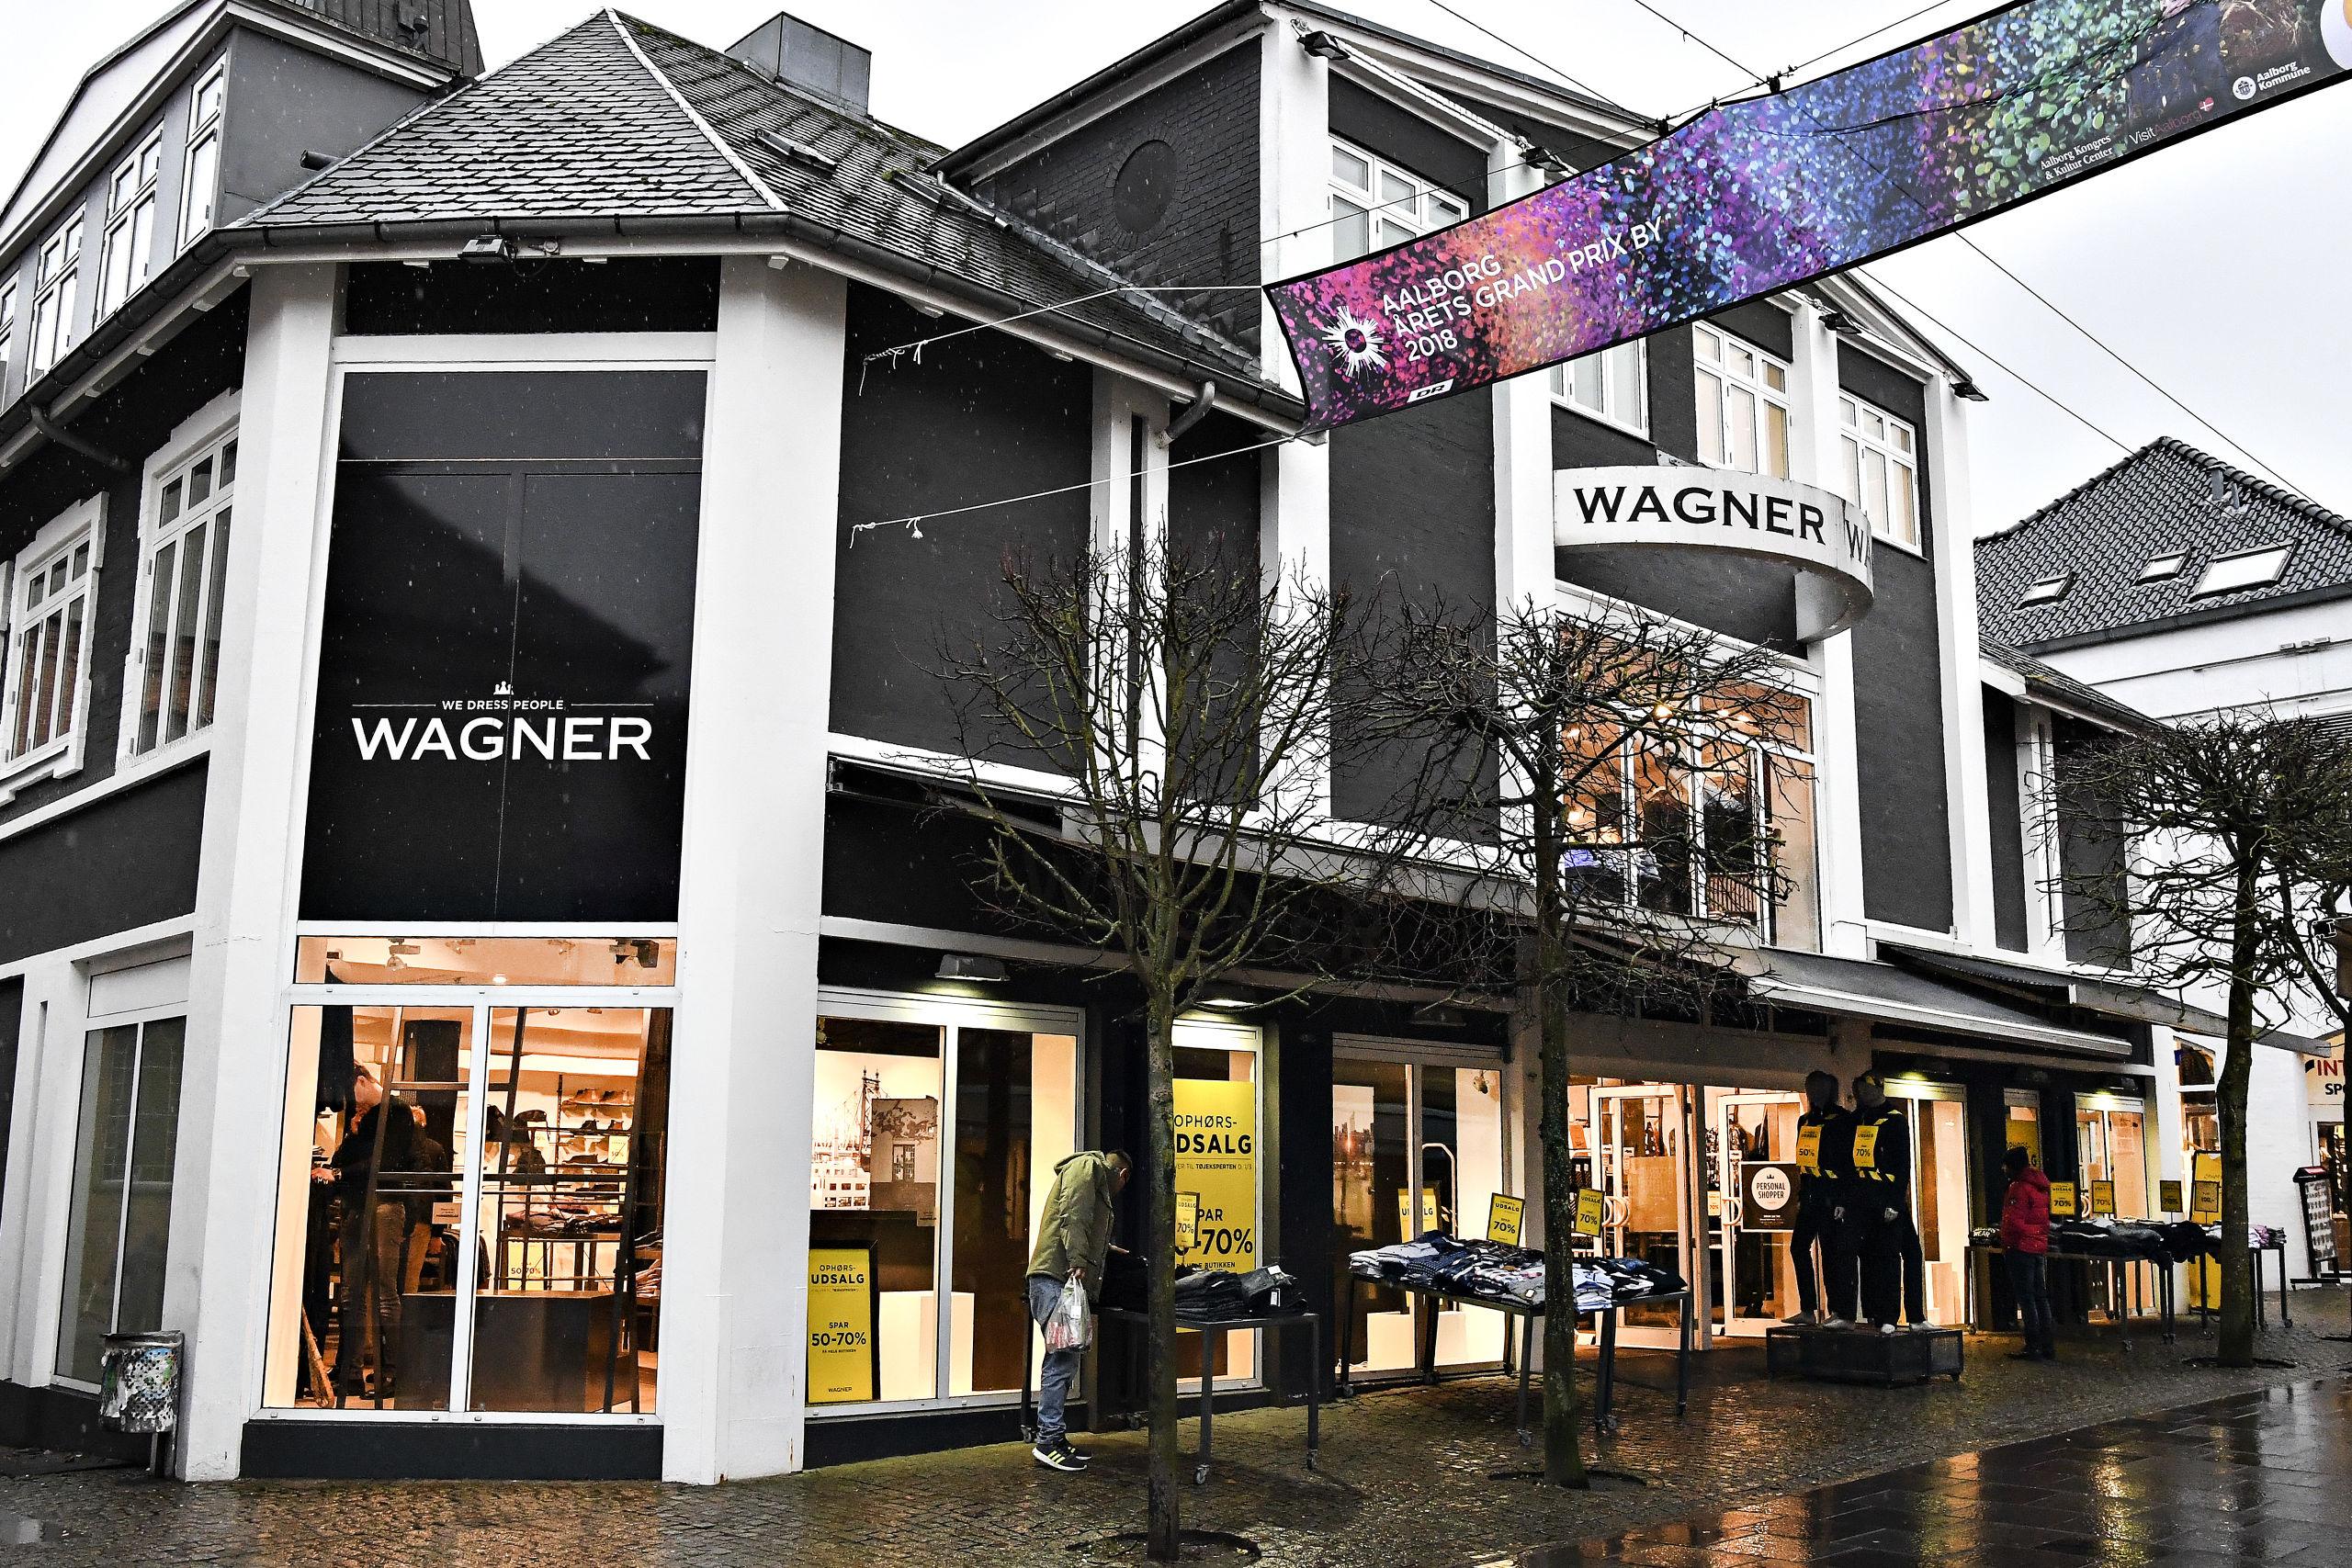 Wagner bliver til Tøjeksperten 1. marts. Foto: